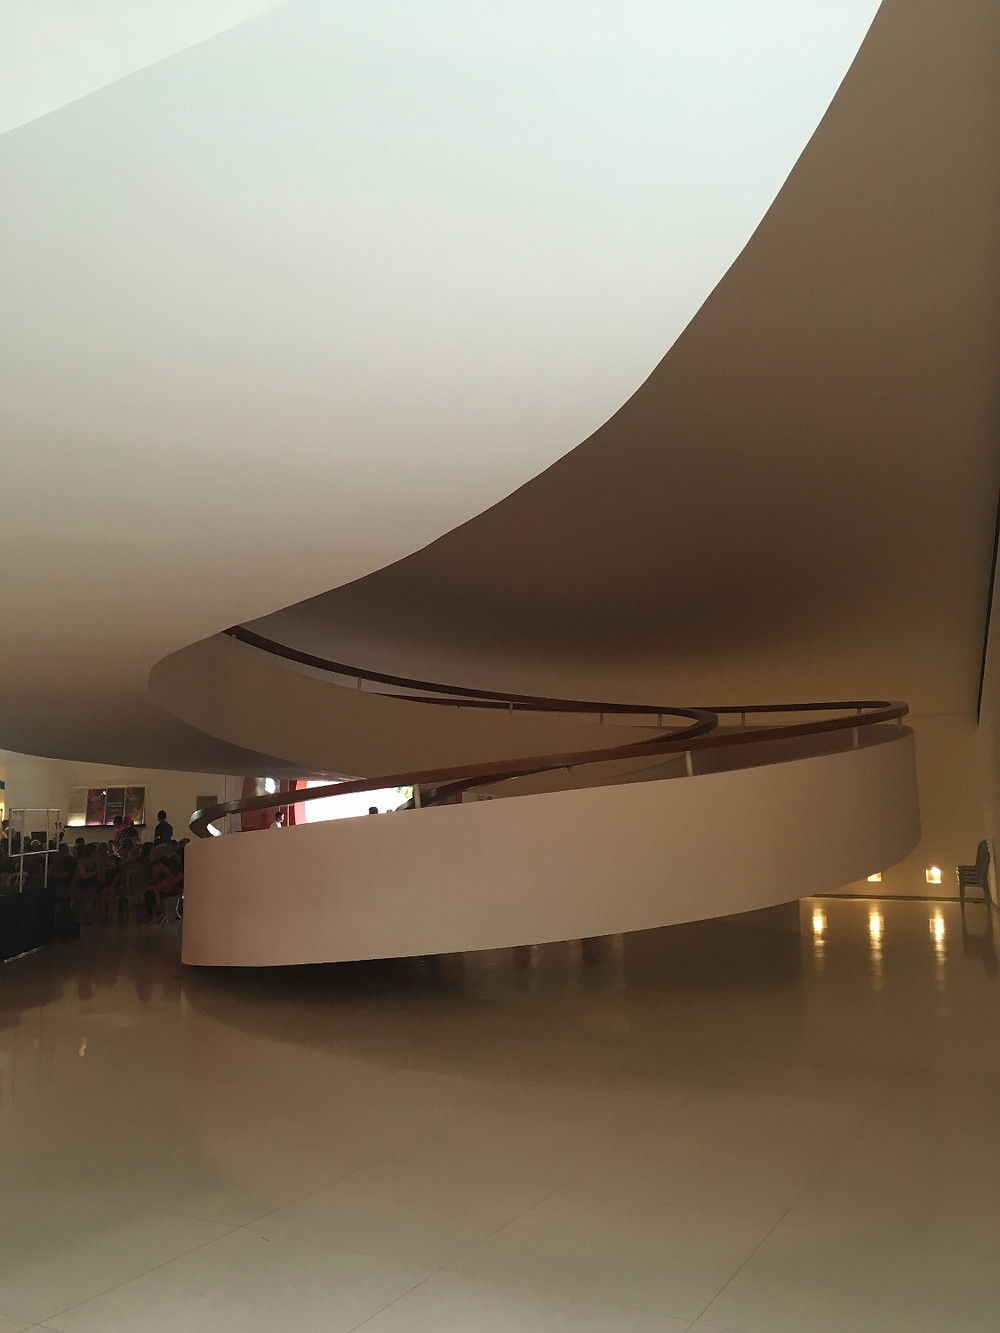 auditorio-ibirapuera-interior